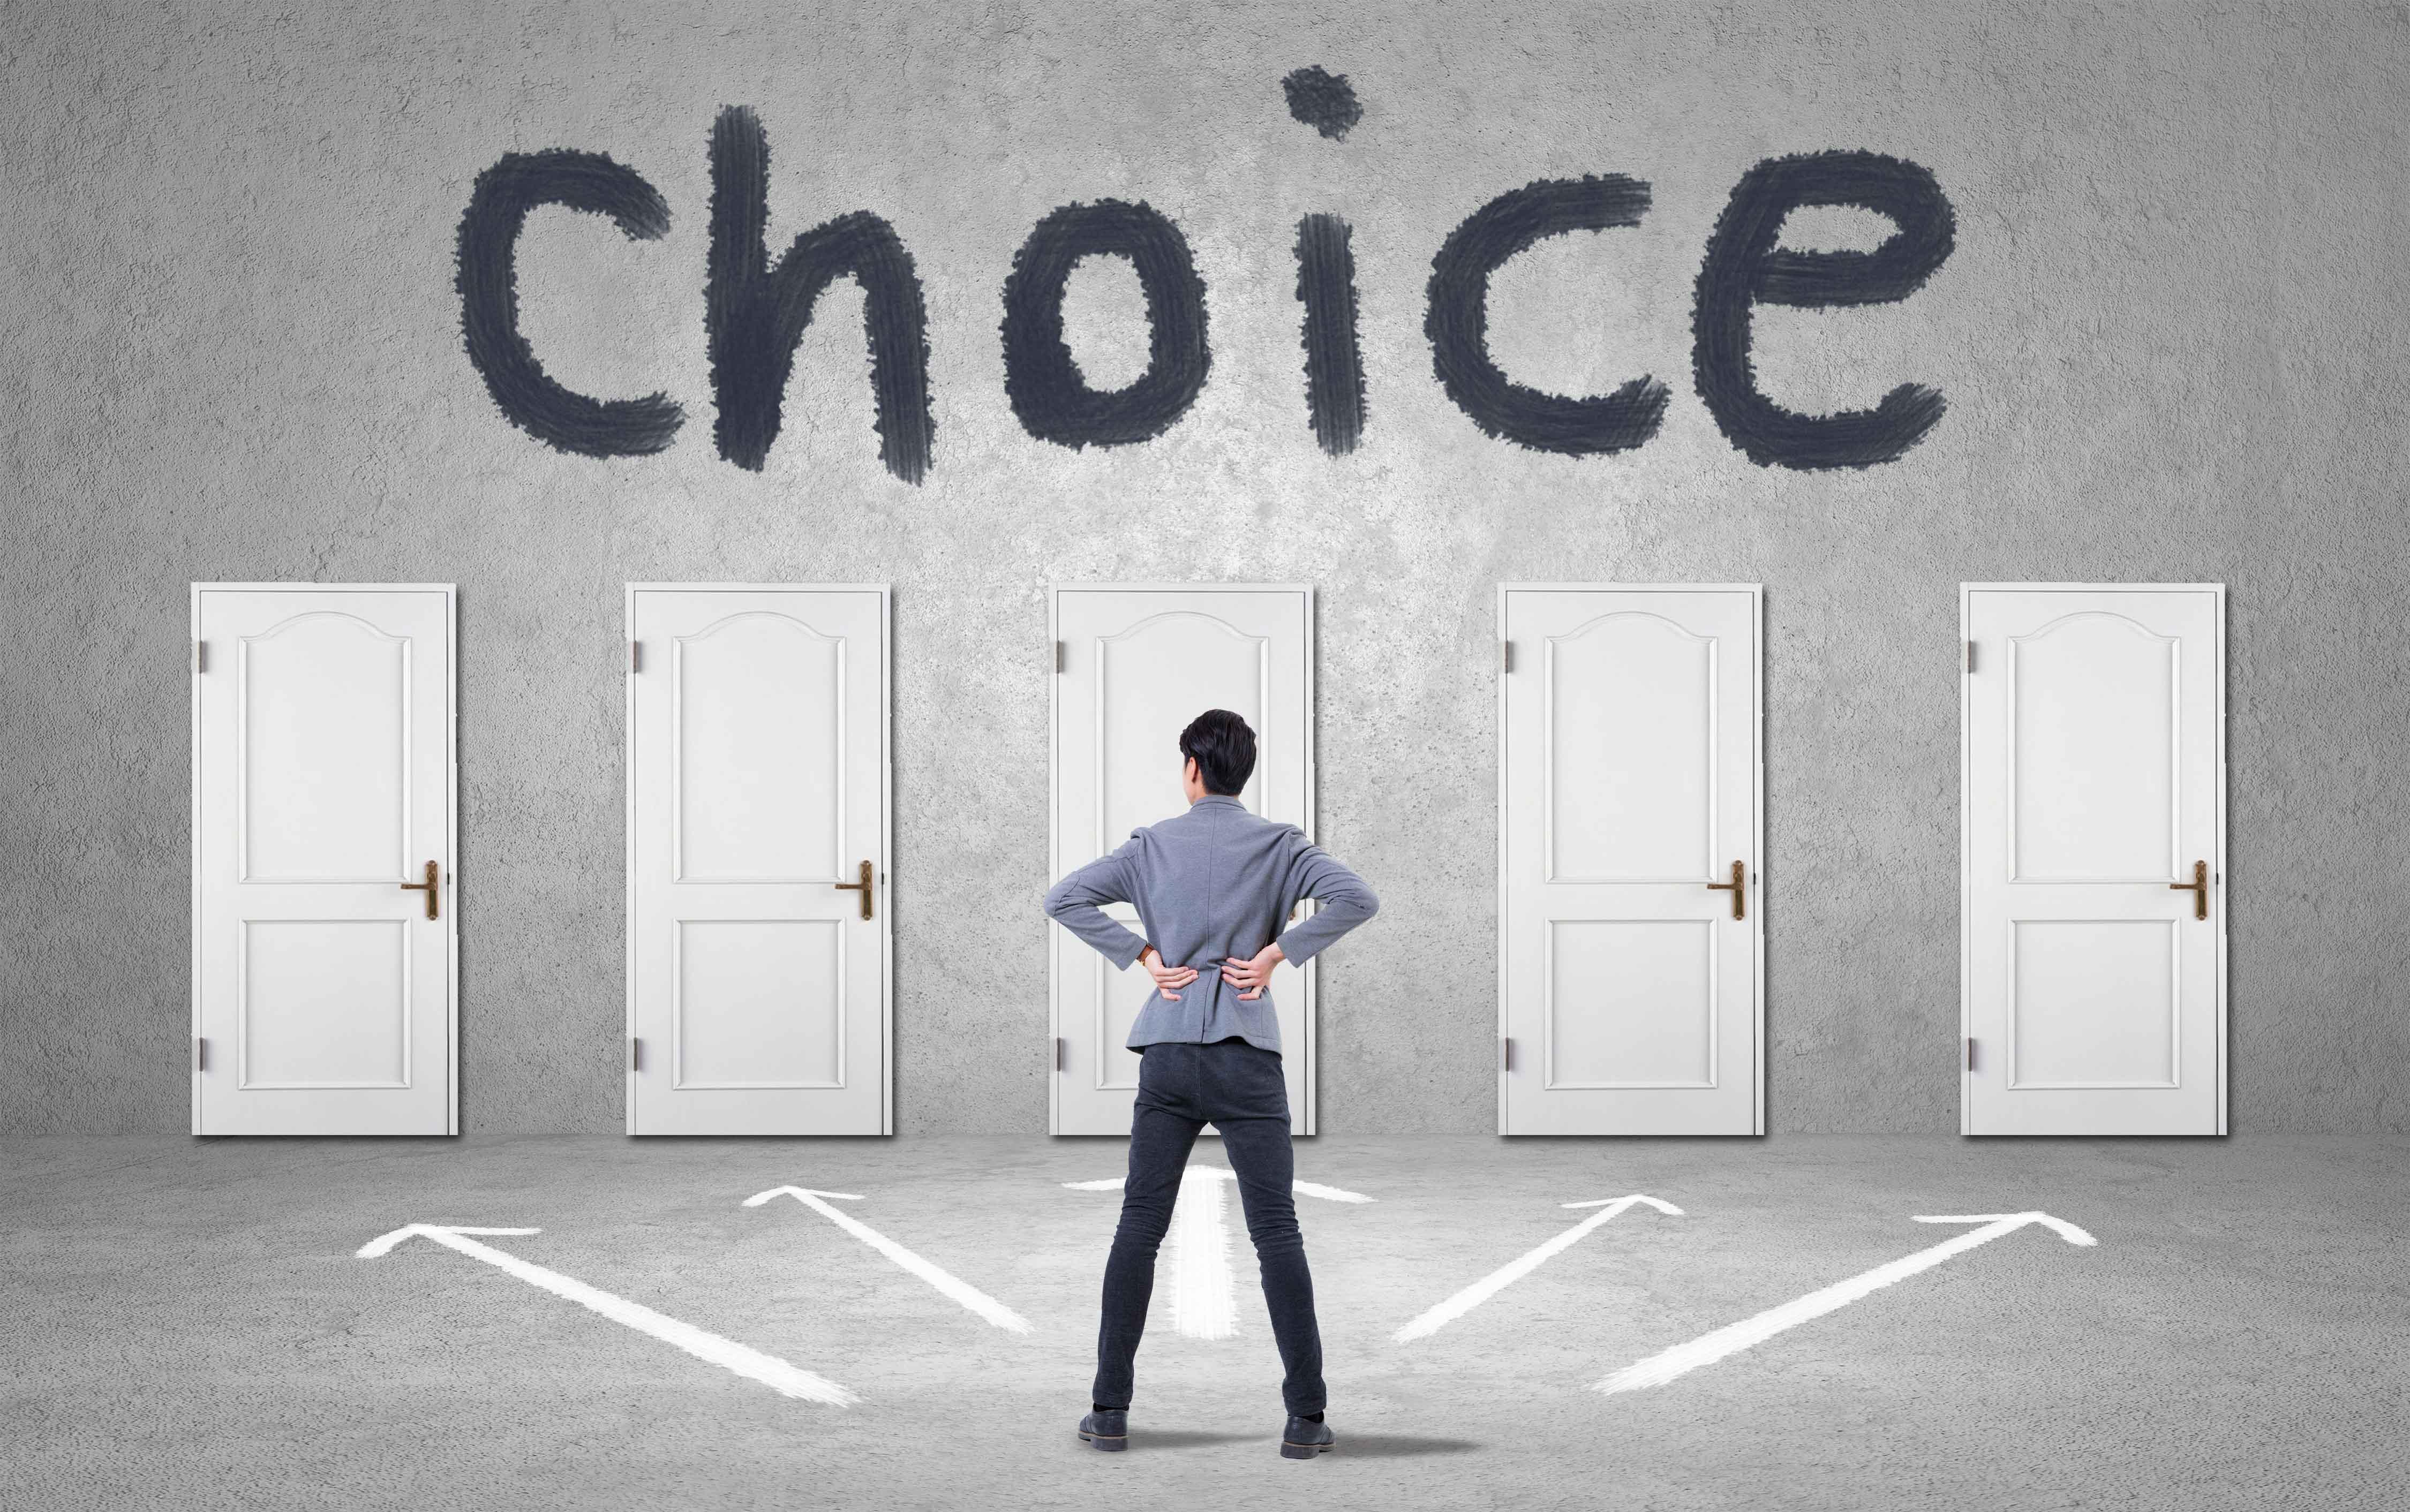 如何选择靠谱的职业规划咨询机构?